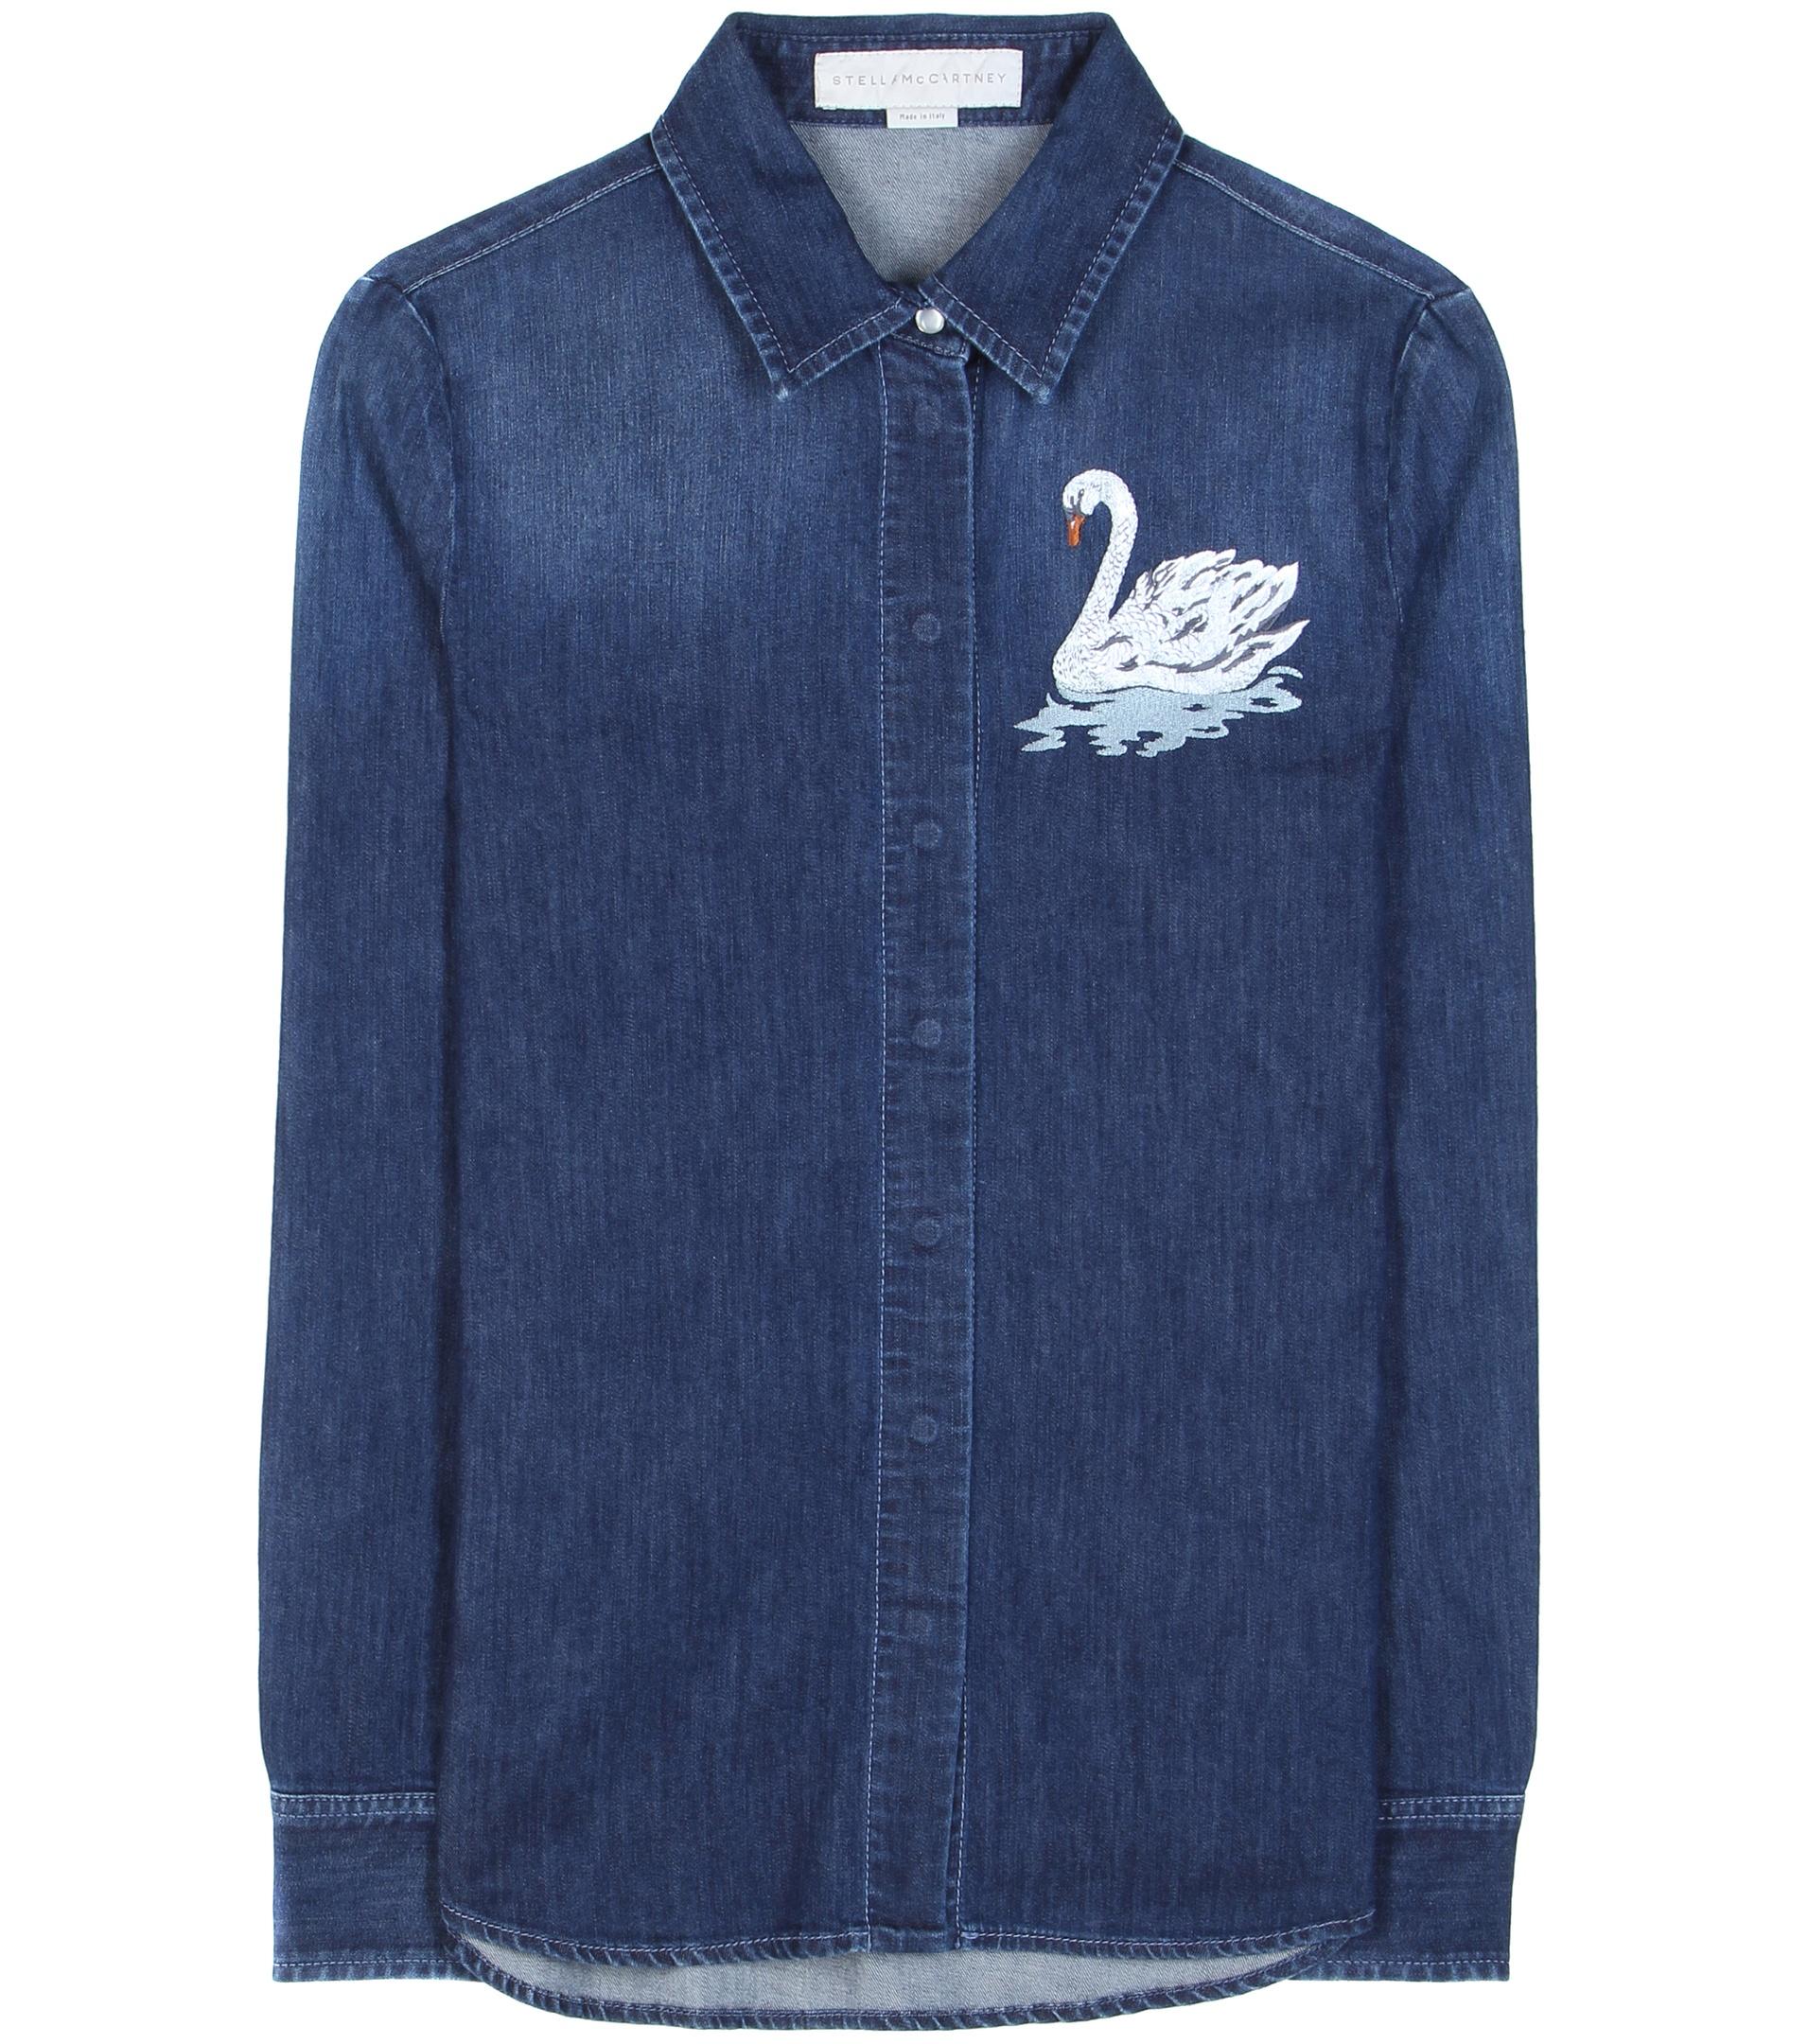 Stella mccartney embroidered denim shirt in blue lyst